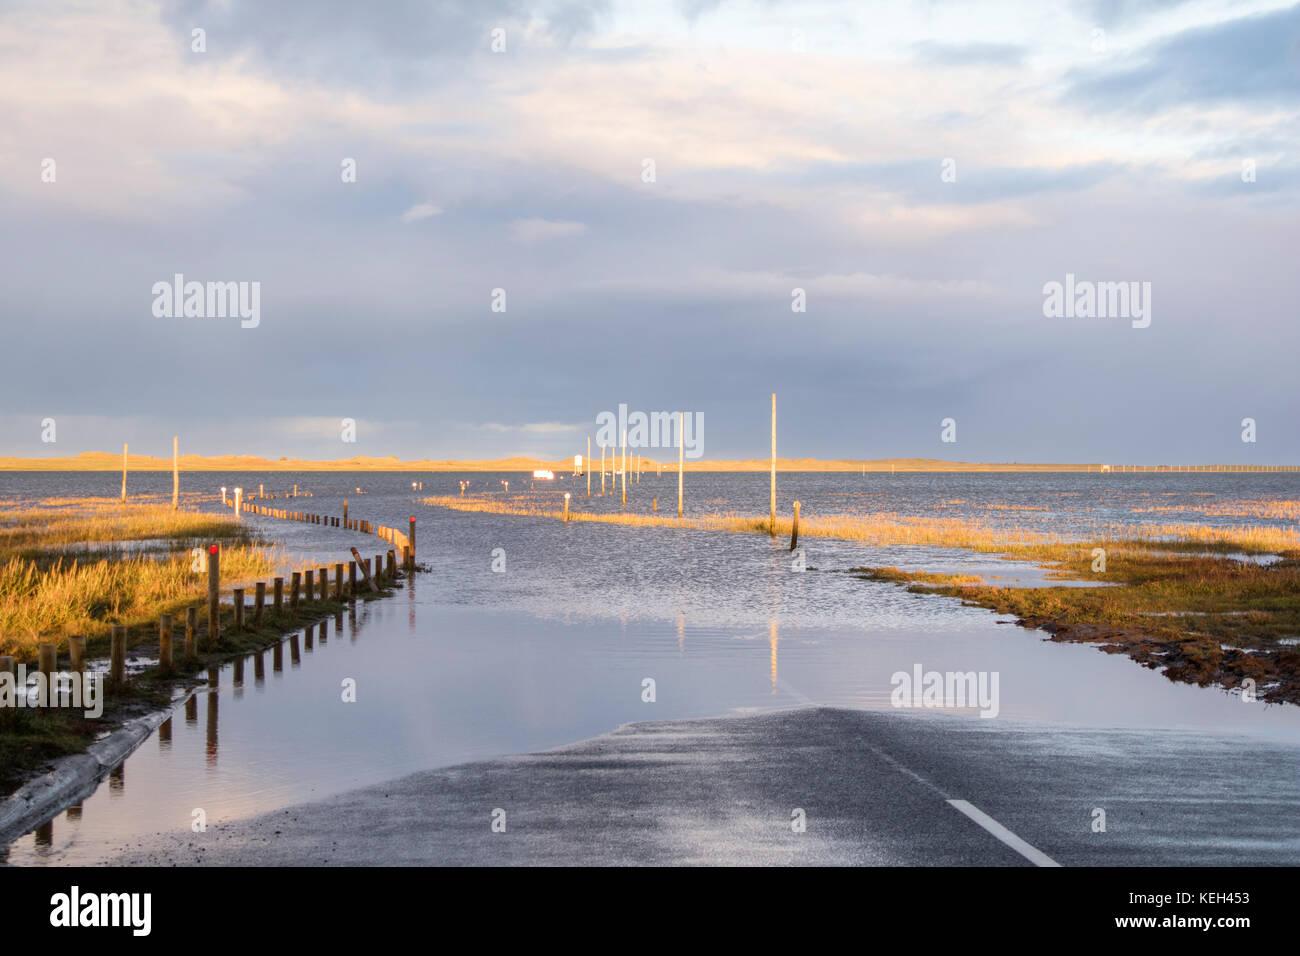 Por la tarde la luz sobre Lindisfarne o Holy Island causeway de marea en marea alta mirando hacia de Lindisfarne, en Northumberland, Inglaterra, Reino Unido. Foto de stock